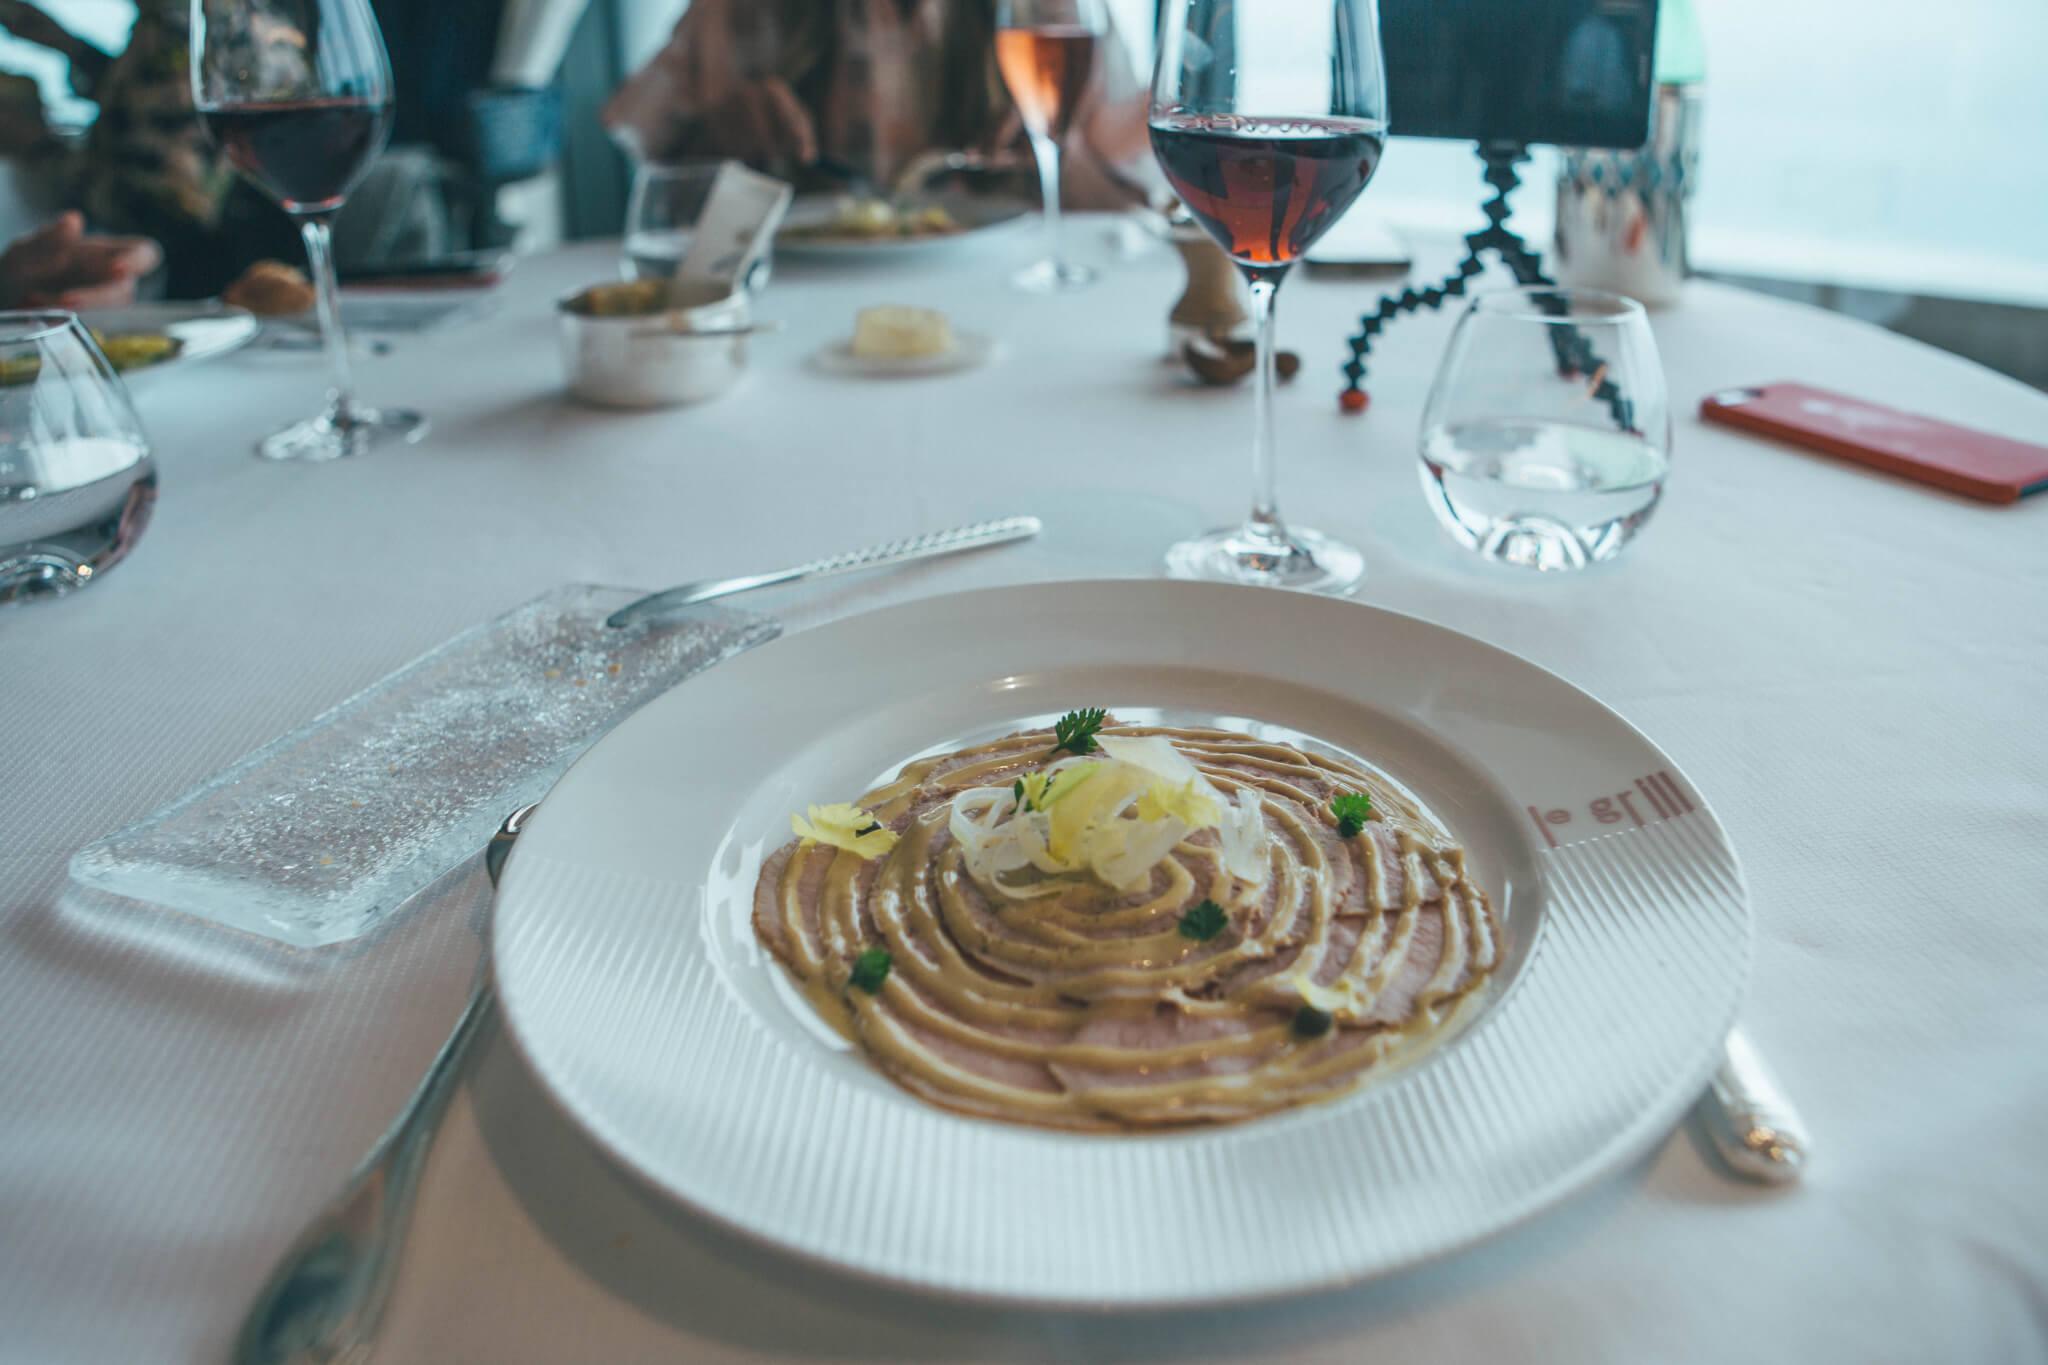 Lunch at Le Grill Hotel de Paris